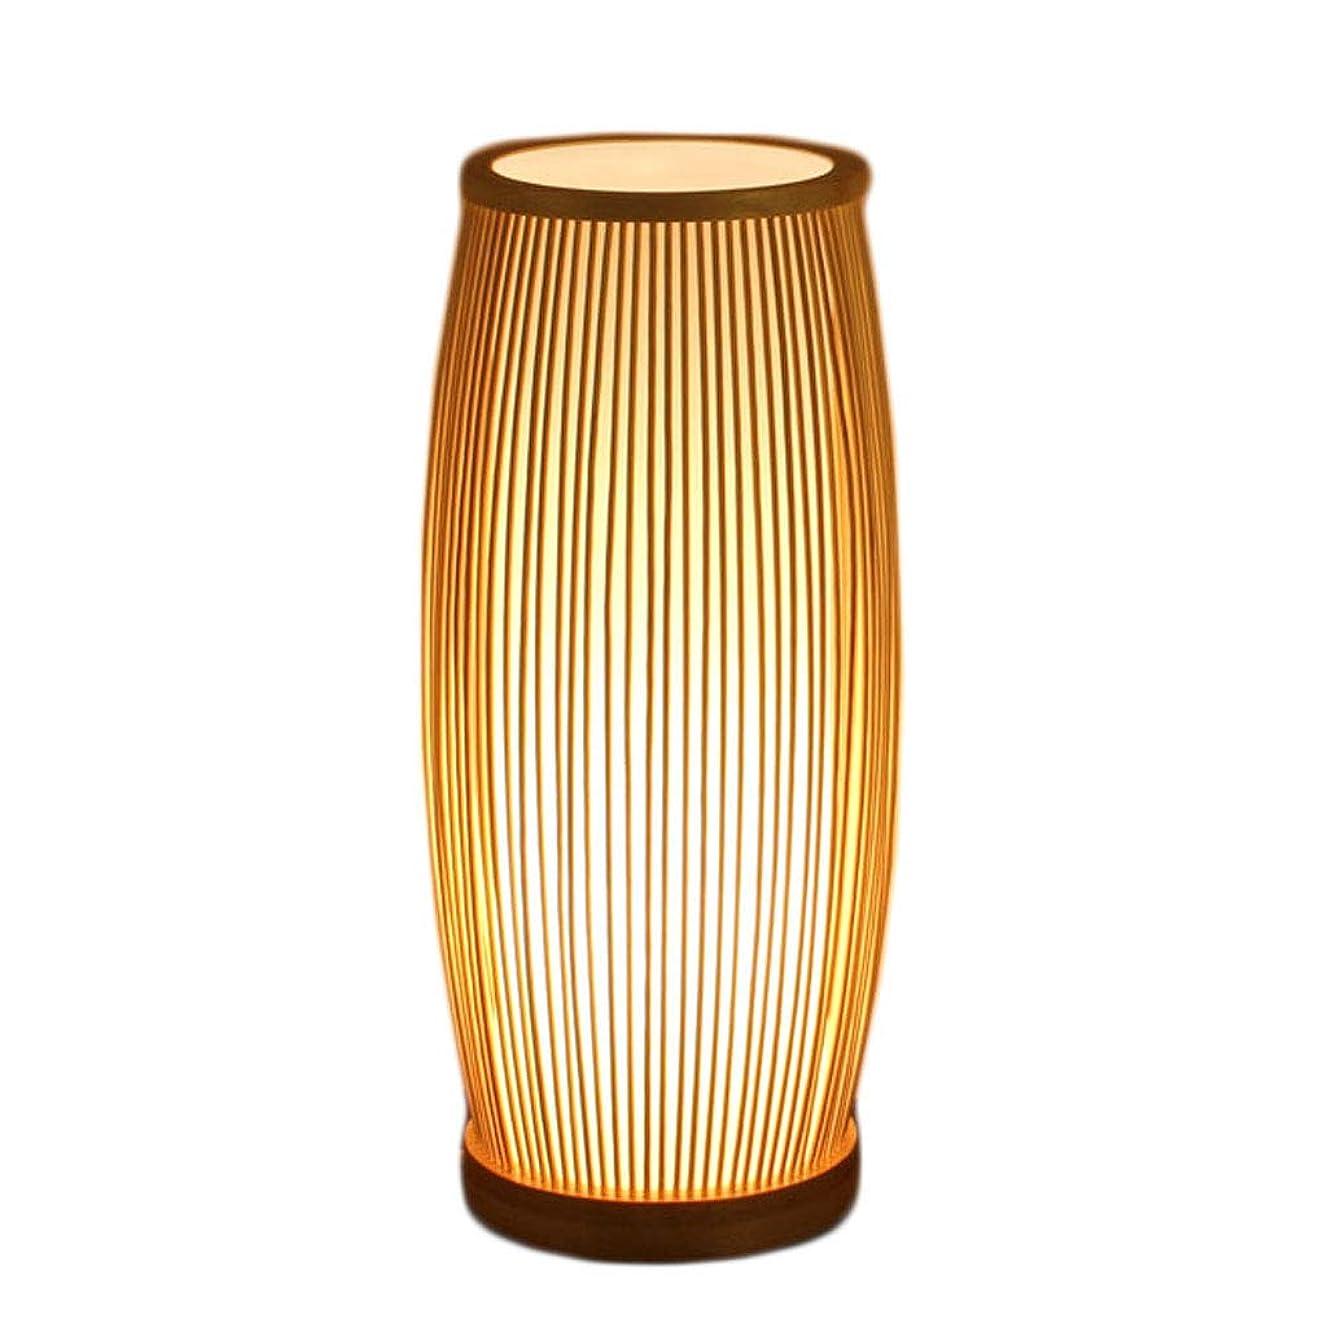 再開ラショナルジェットデスクランプ 寝室のベッドサイドテーブルランプシンプルモダン調光日本茶室竹ランプ研究リビングルーム暖かい36 * 16センチ手作り 耐久性のあるデスクランプ (Color : Brown, サイズ : 36x16cm)